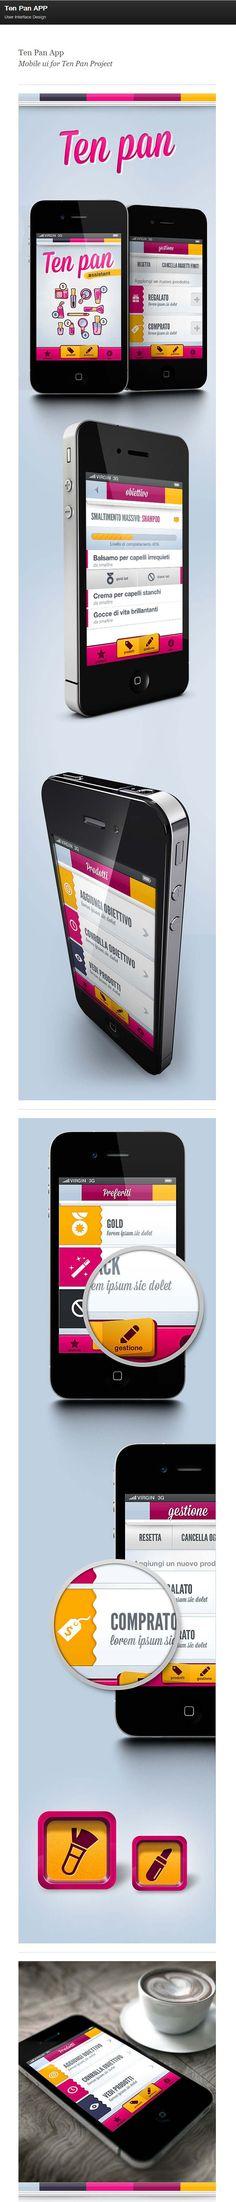 Ten Pan App via Behance